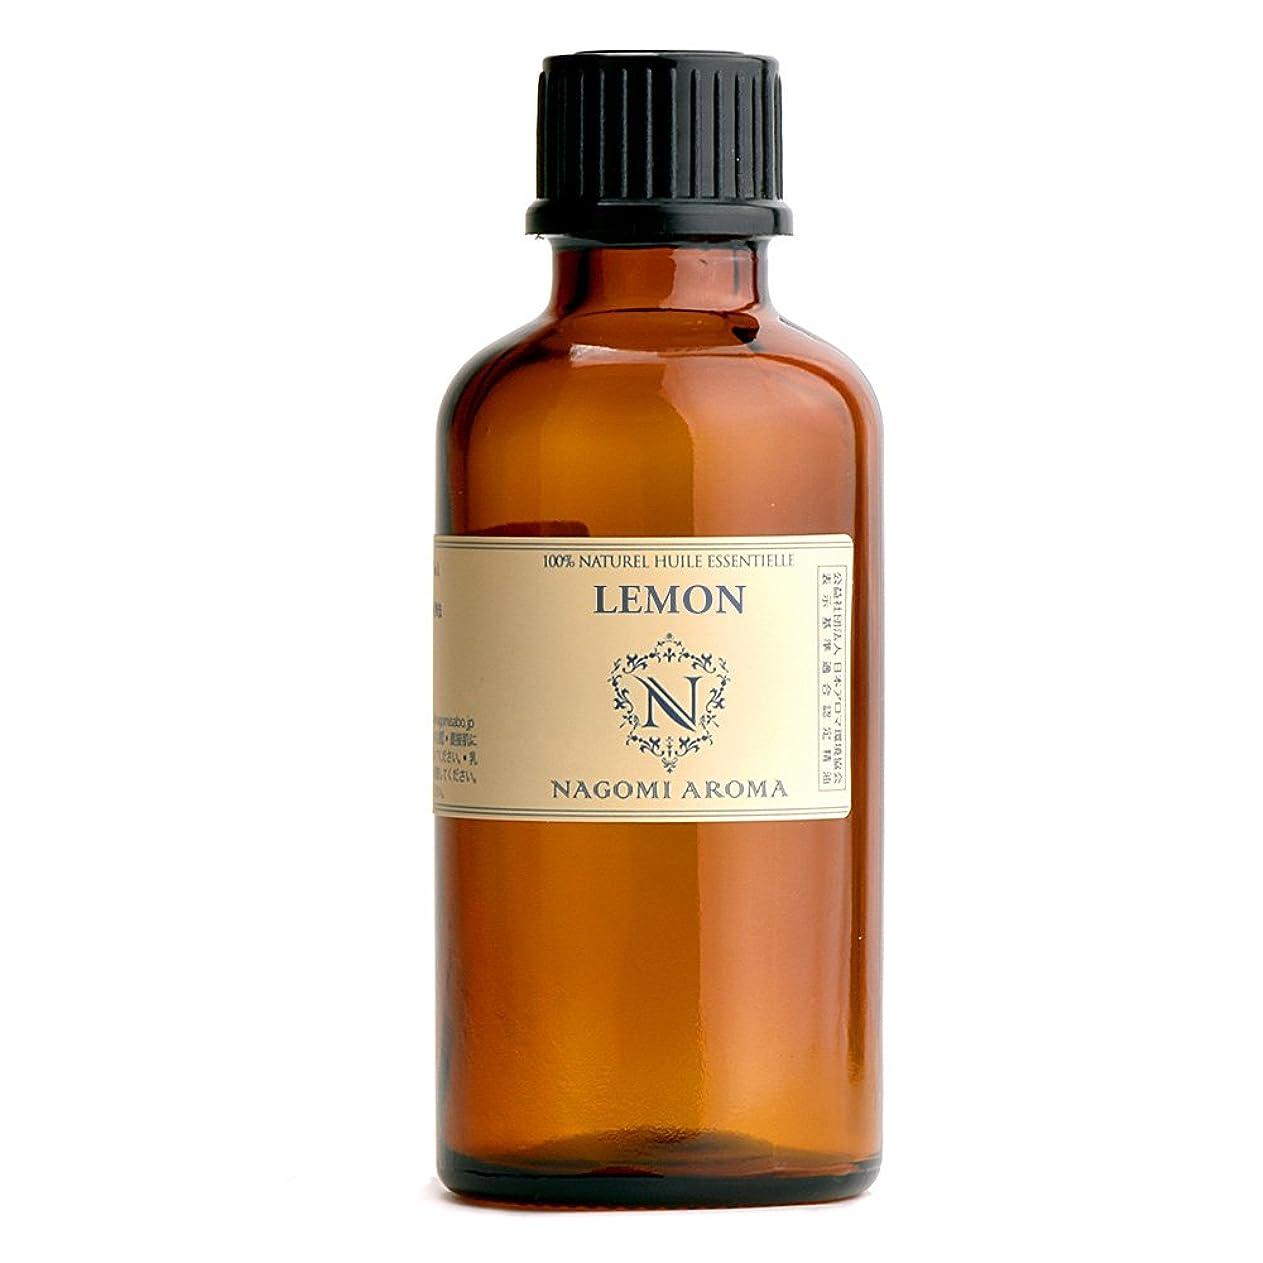 句開梱あなたはNAGOMI AROMA レモン 50ml 【AEAJ認定精油】【アロマオイル】